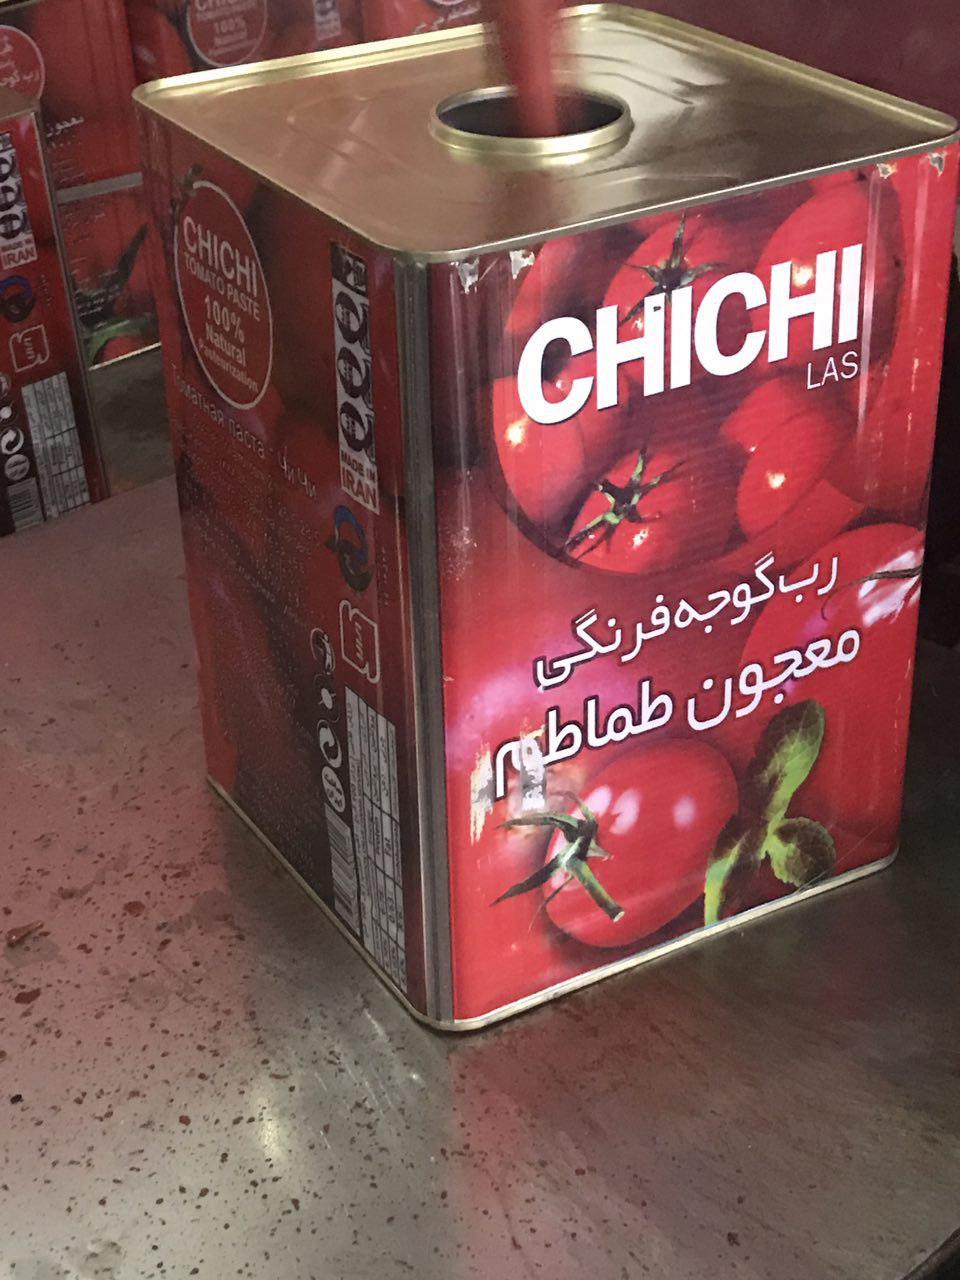 رب گوجه فرنگی حلب چی چی لاس